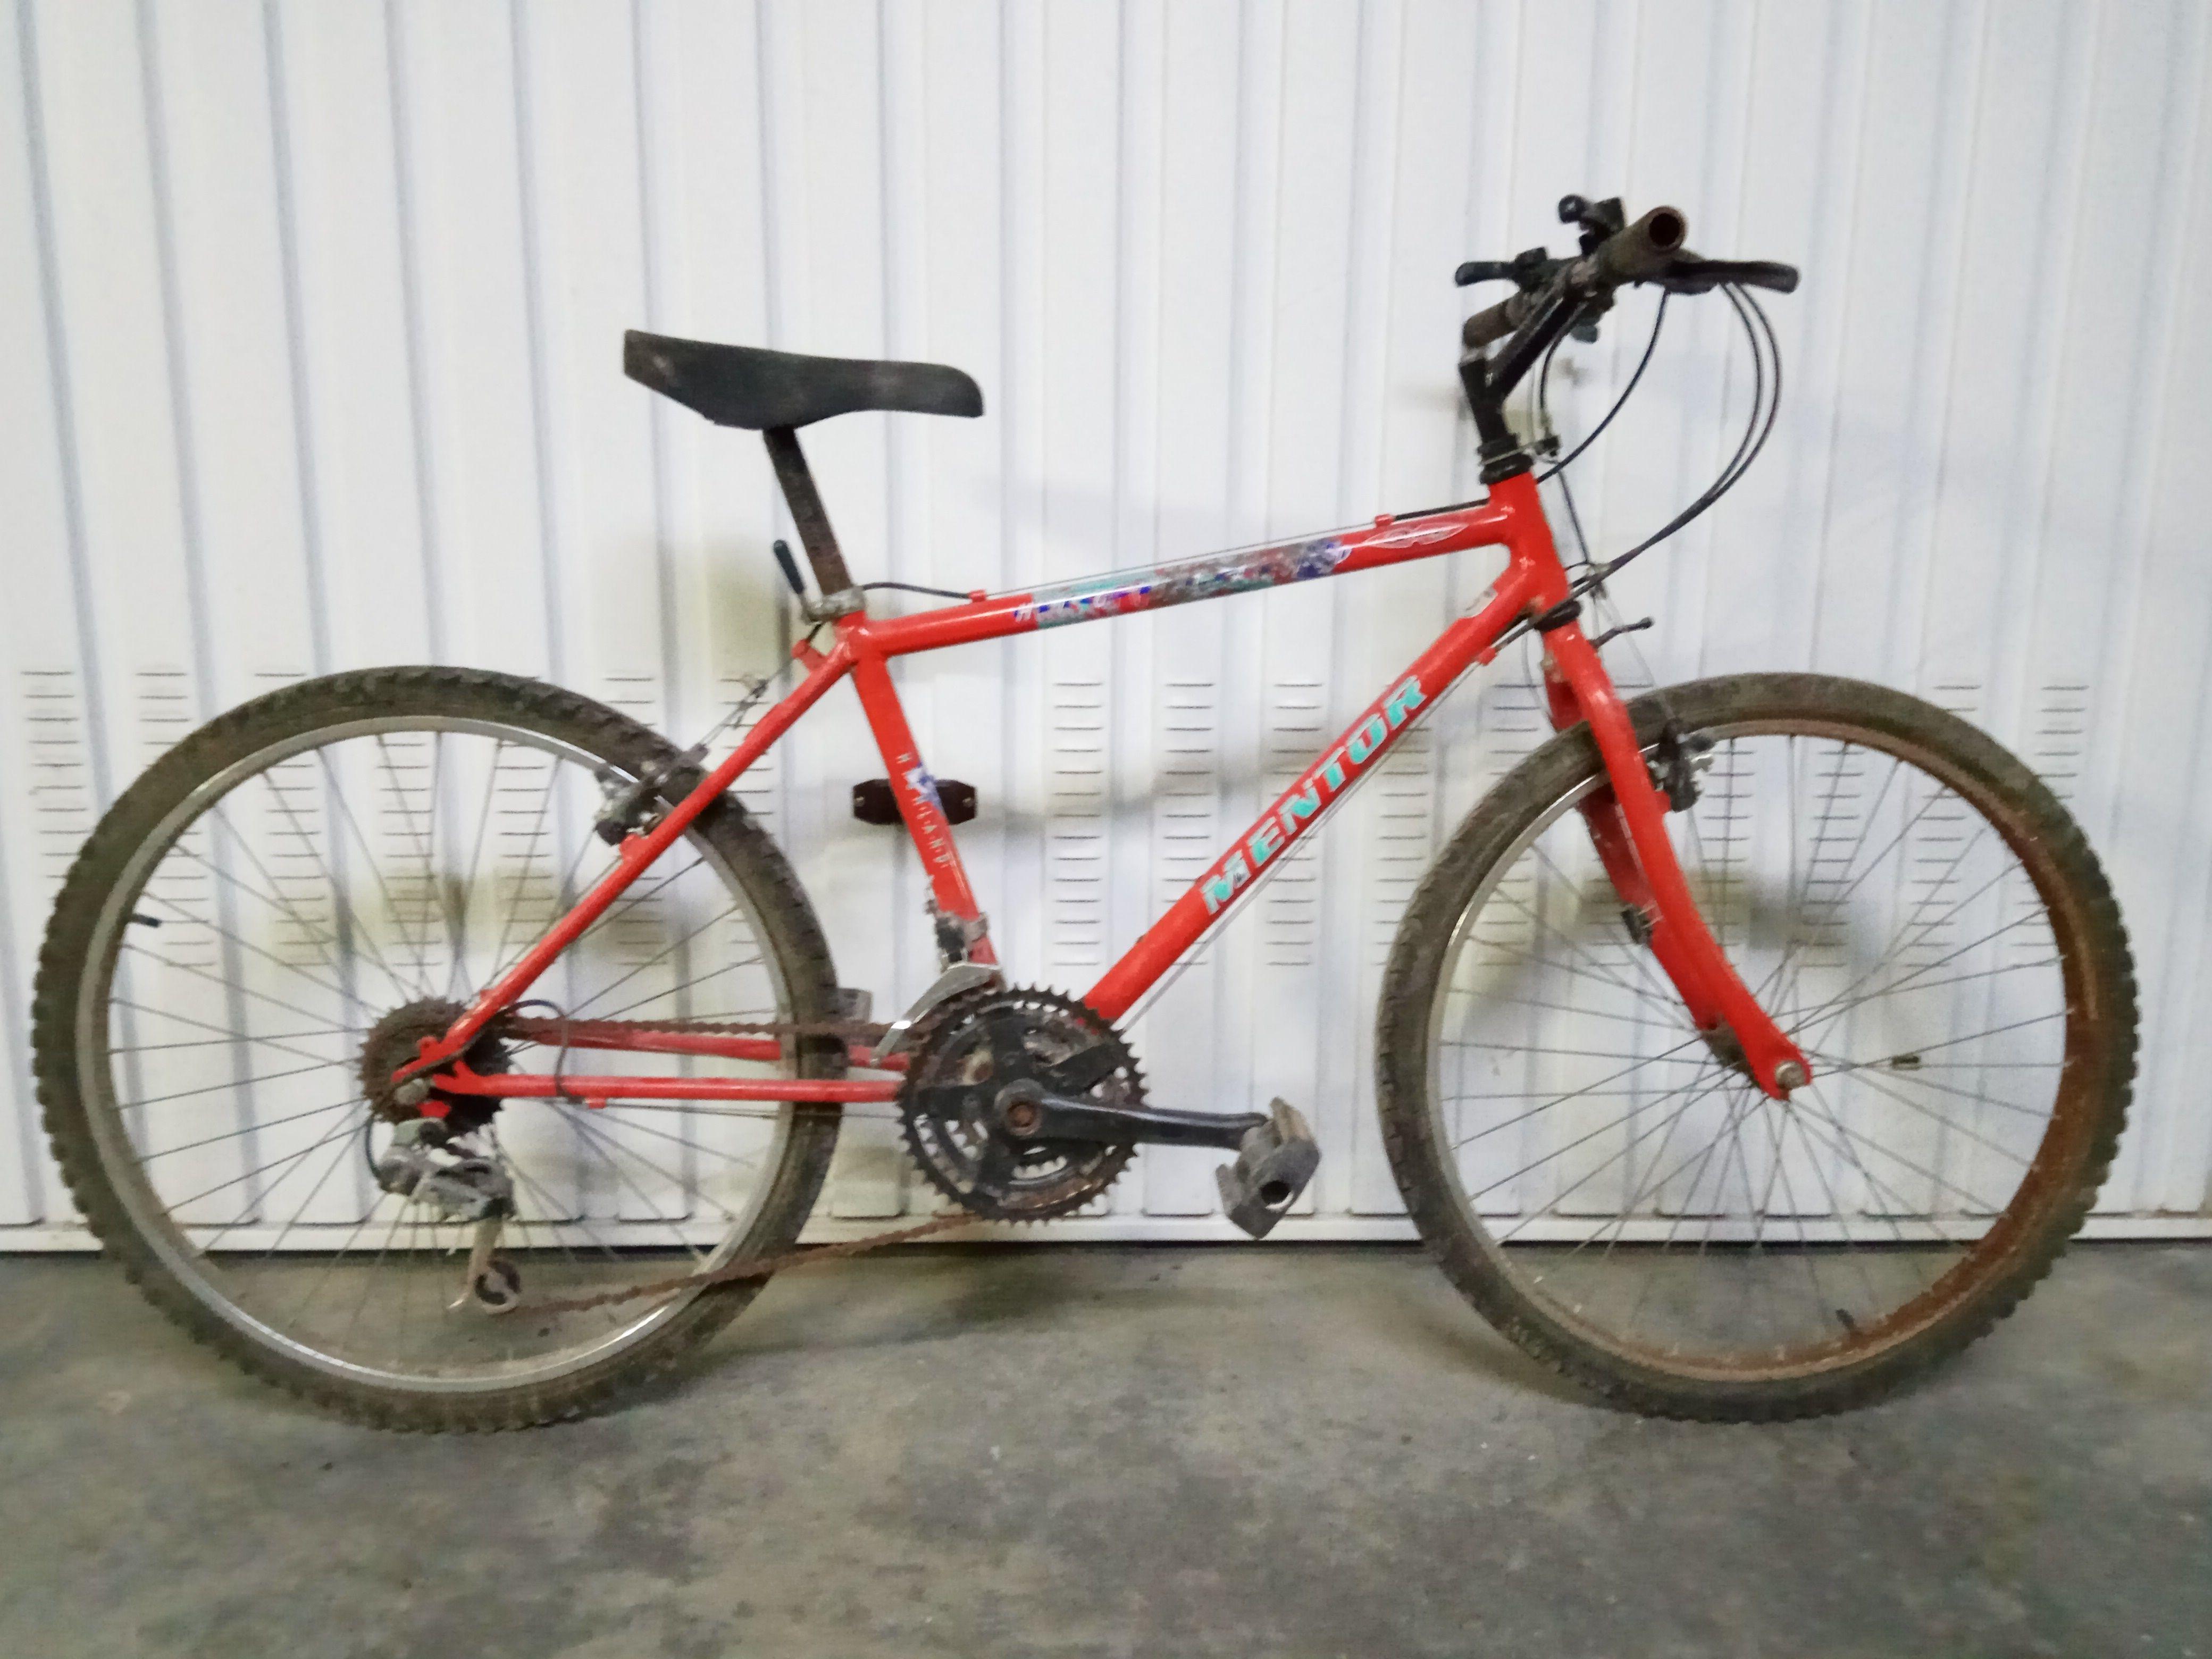 Bici Mentor tamaño Juvenil 40€ MARCA: Mentor MODELO: Highland CLASE ...